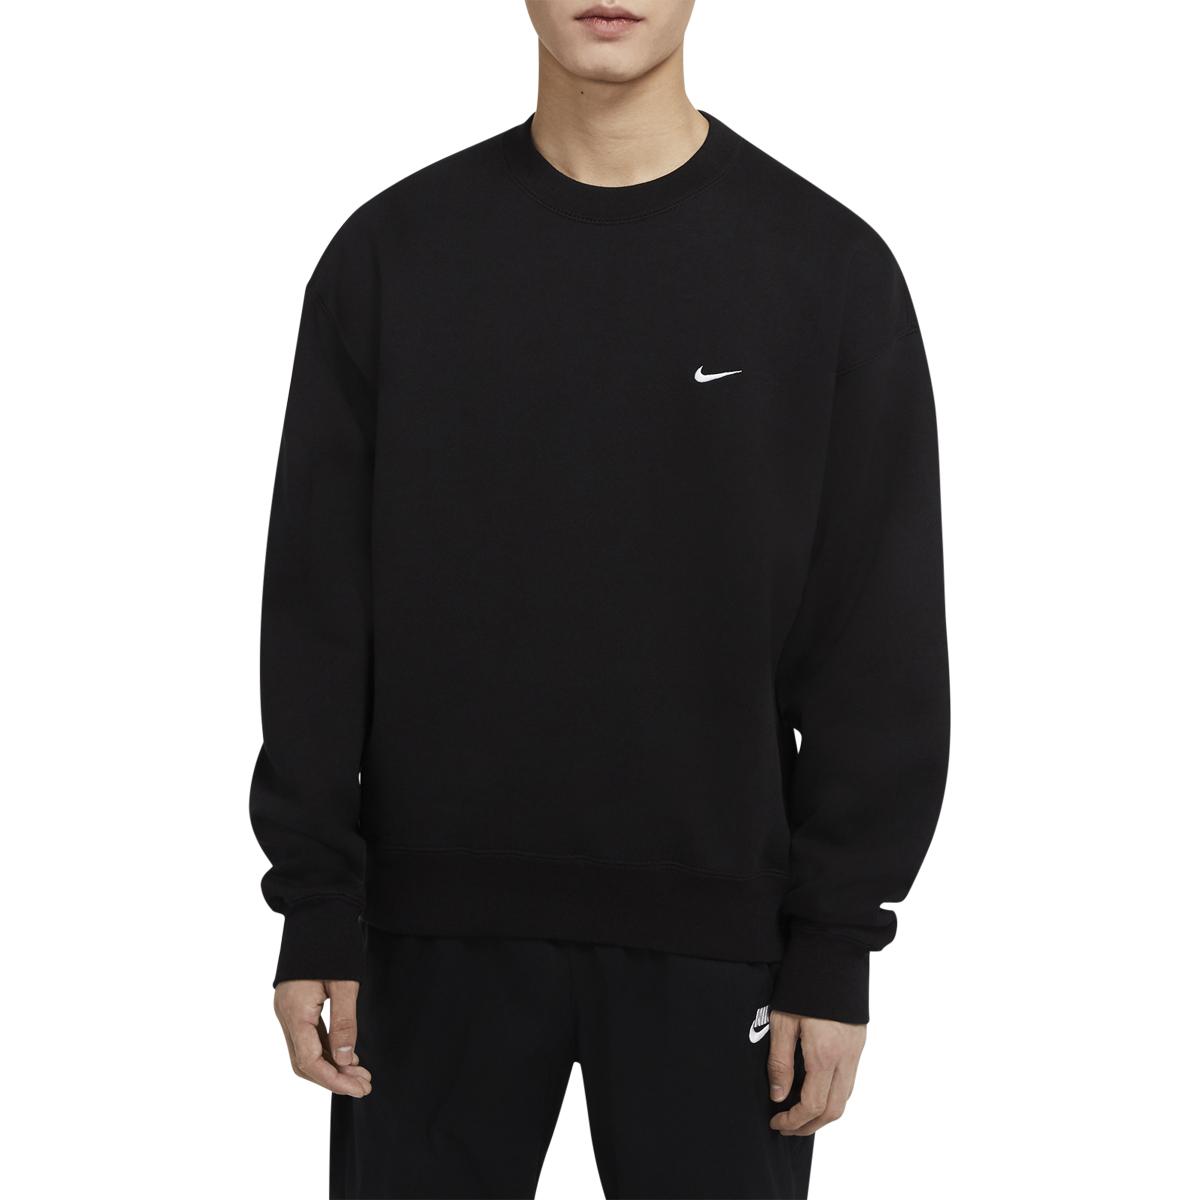 Nike NRG Fleece Crew